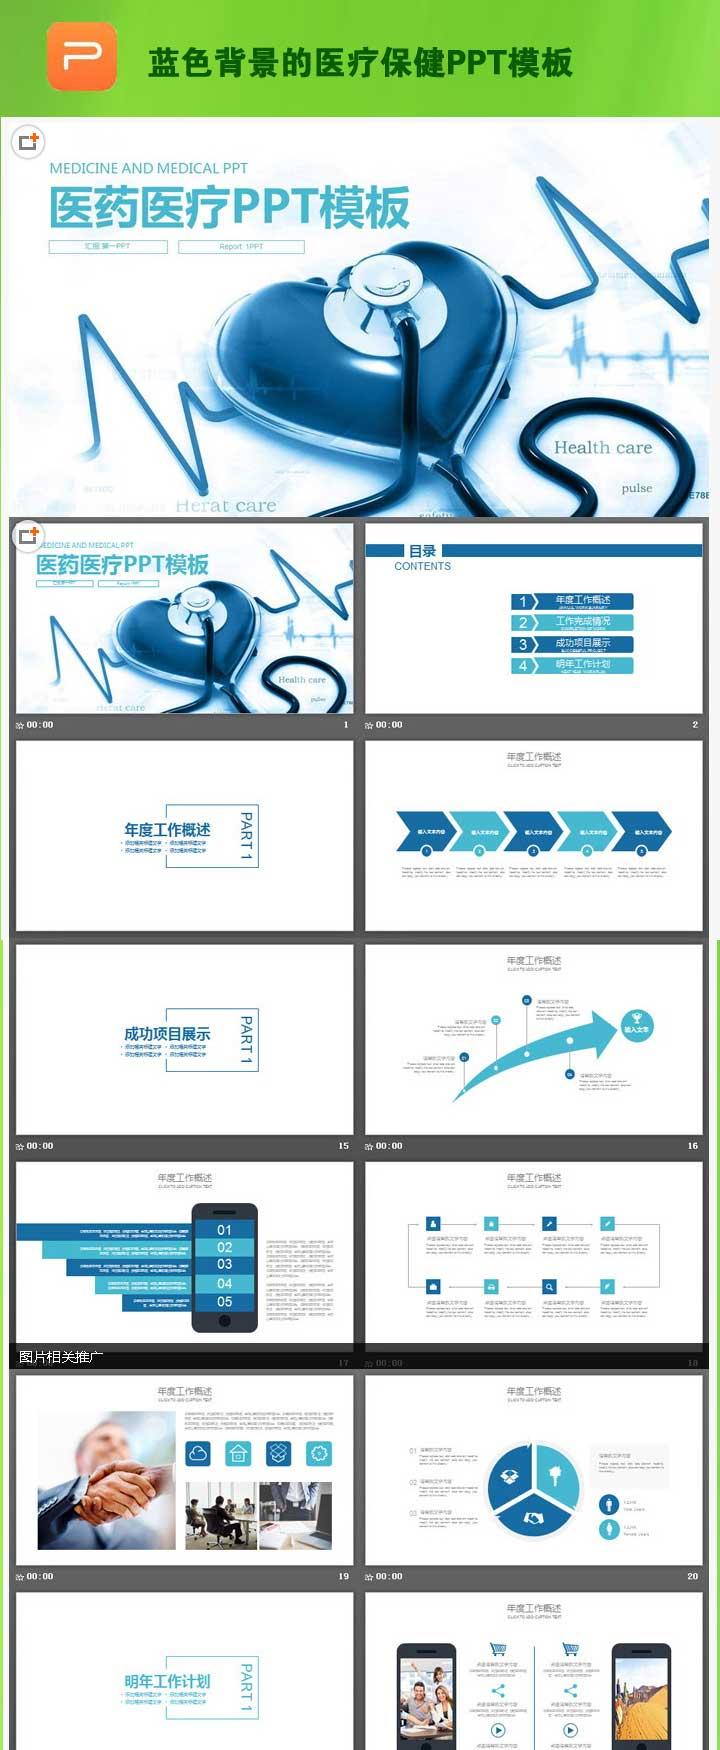 蓝色背景的医疗保健PPT模板